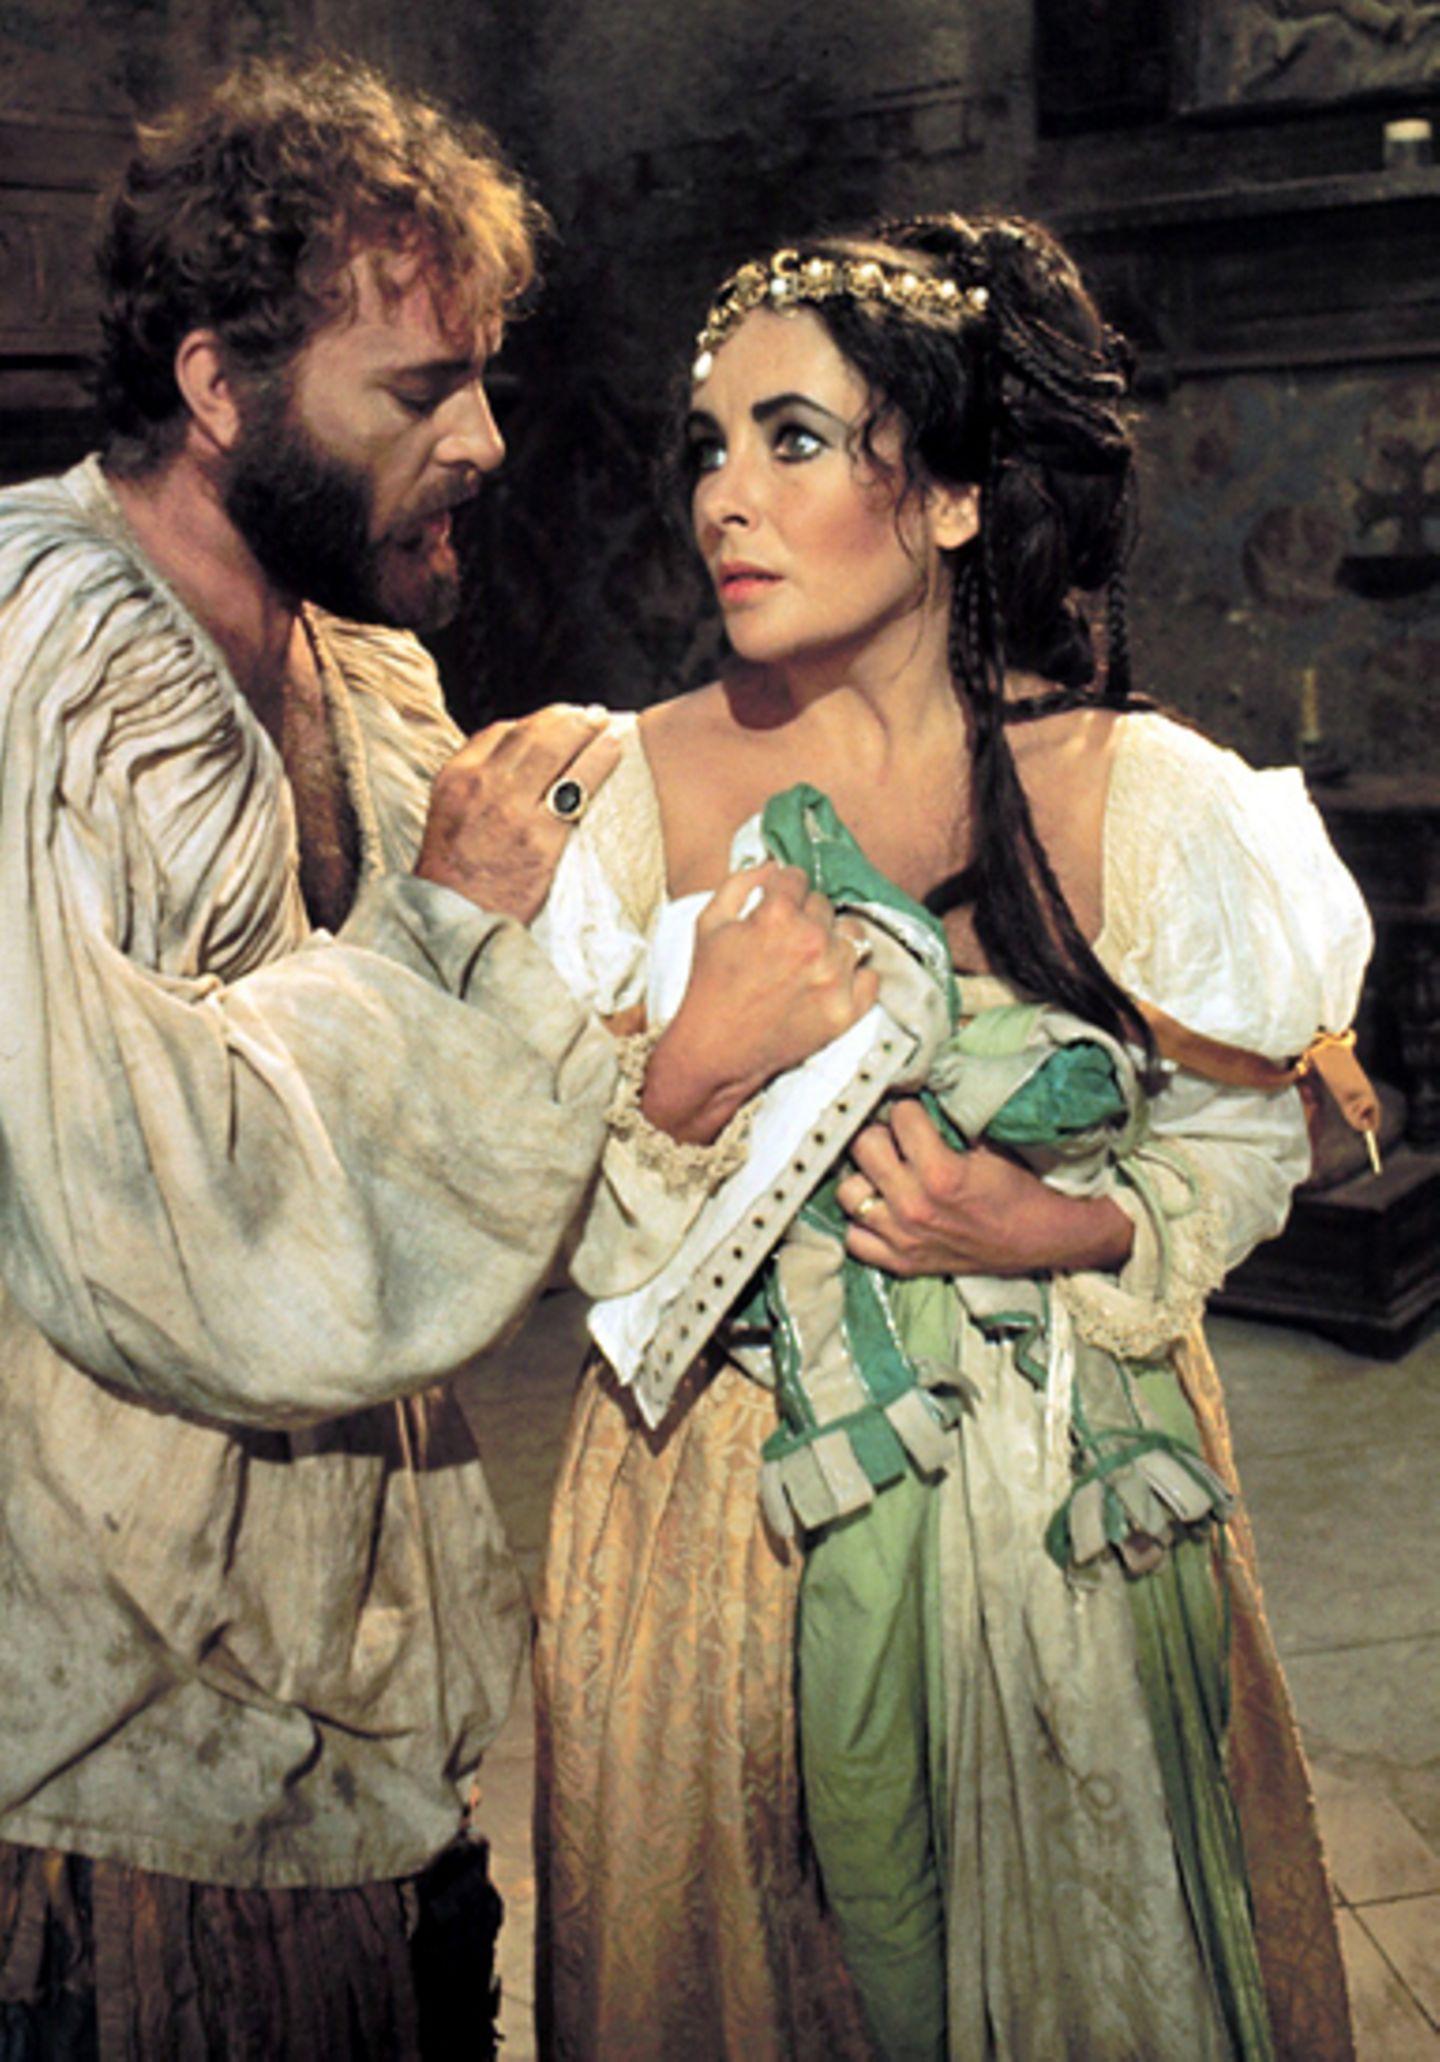 Elizabeth Taylor: The Taming of the Shrew (Der Widerspenstigen Zähmung) 1967